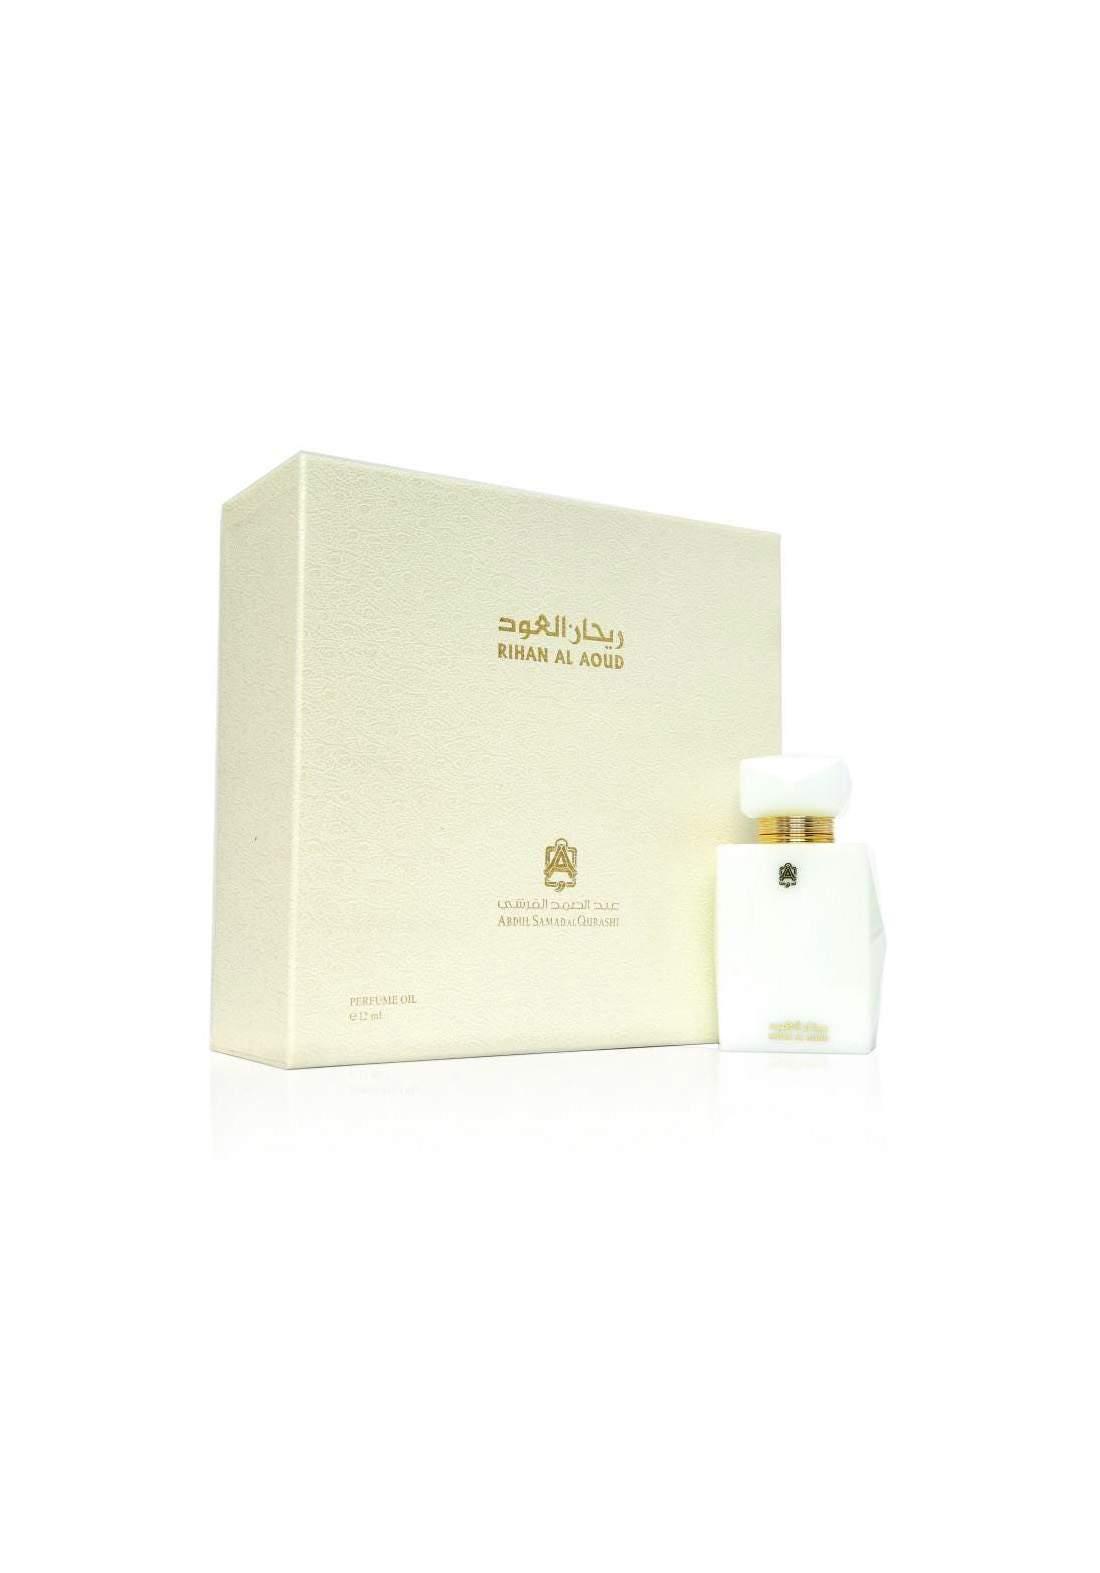 Abdul Samad Al Qurashi 72042 Rihan Al Oud Perfume Oil 12 ml عطر زيتي رجالي ونسائي